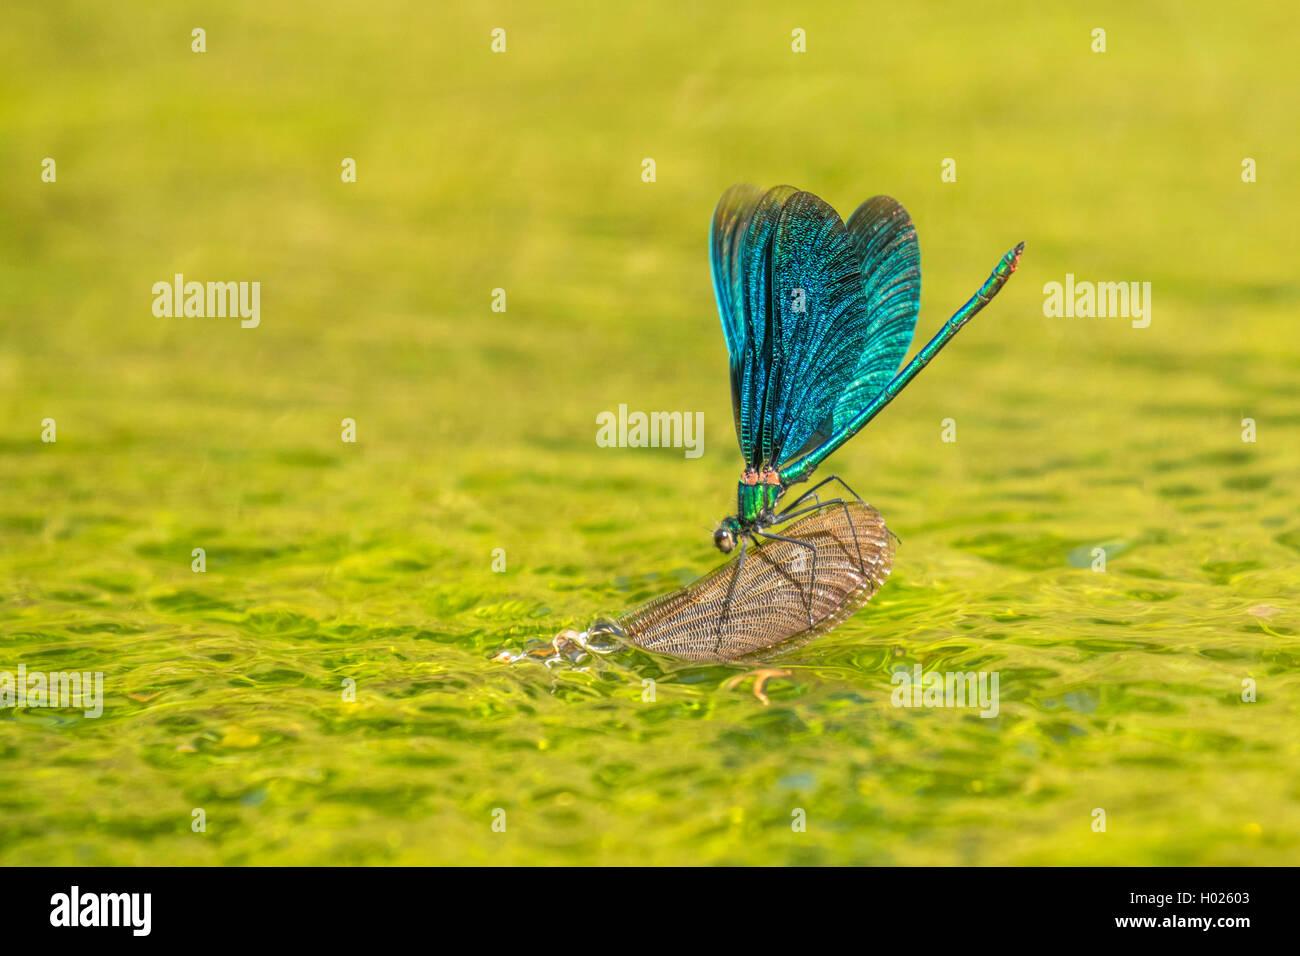 Blaufluegel-Prachtlibelle, Blaufluegelprachtlibelle (Calopteryx virgo), Weibchen bei der Eiablage, bewacht von aufsitzendem - Stock Image